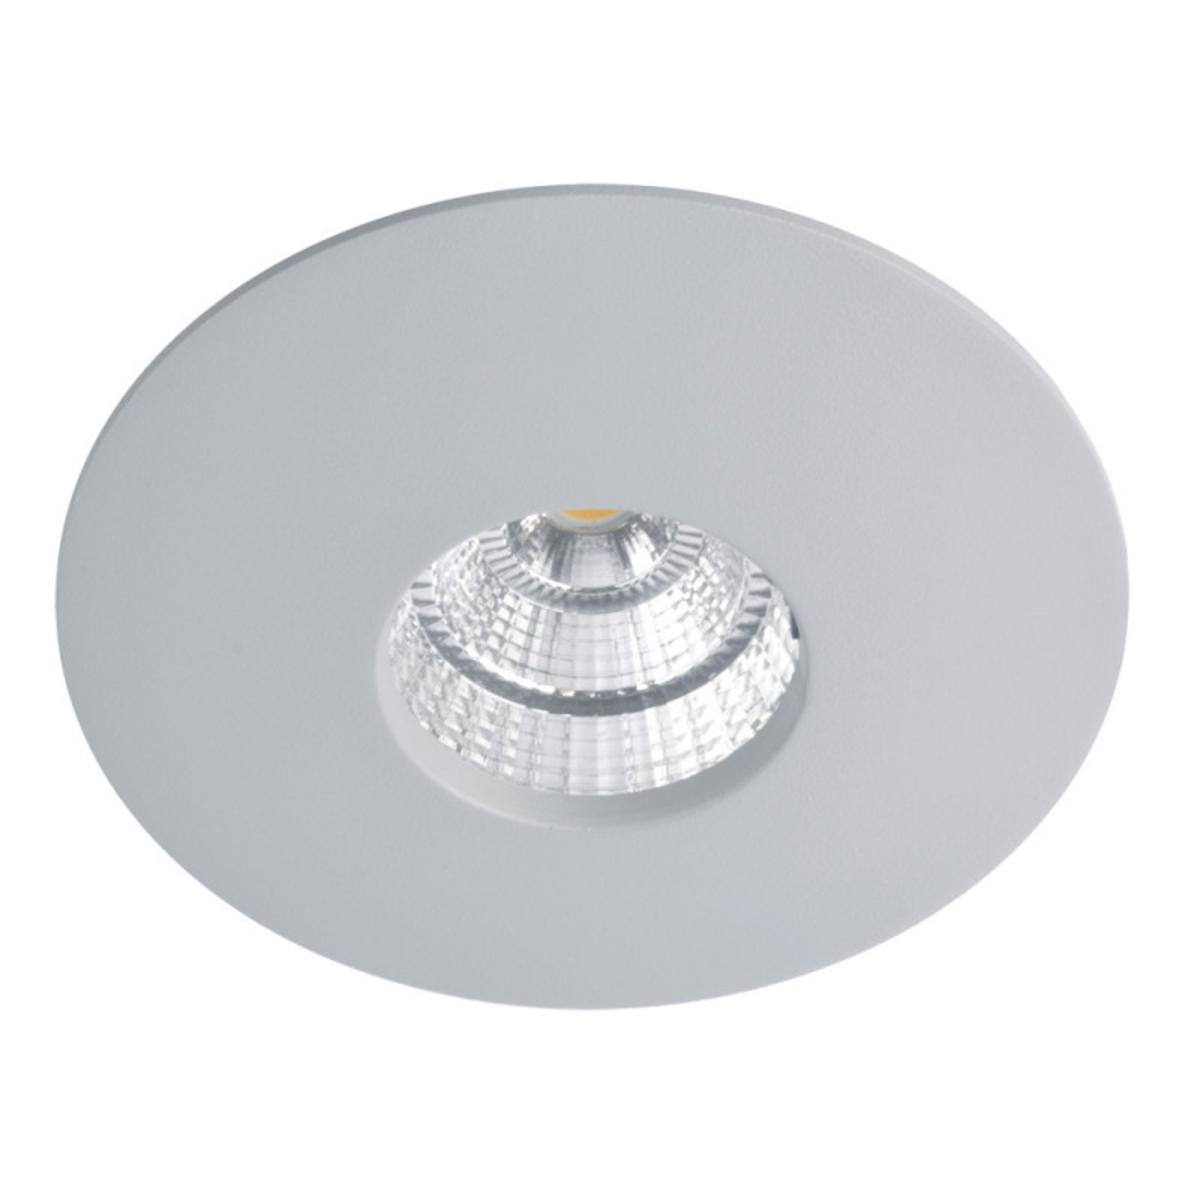 Купить Встраиваемый светильник UOVO Встраиваемый светильник ARTE Lamp A5438PL-1GY (15220), HomeMe